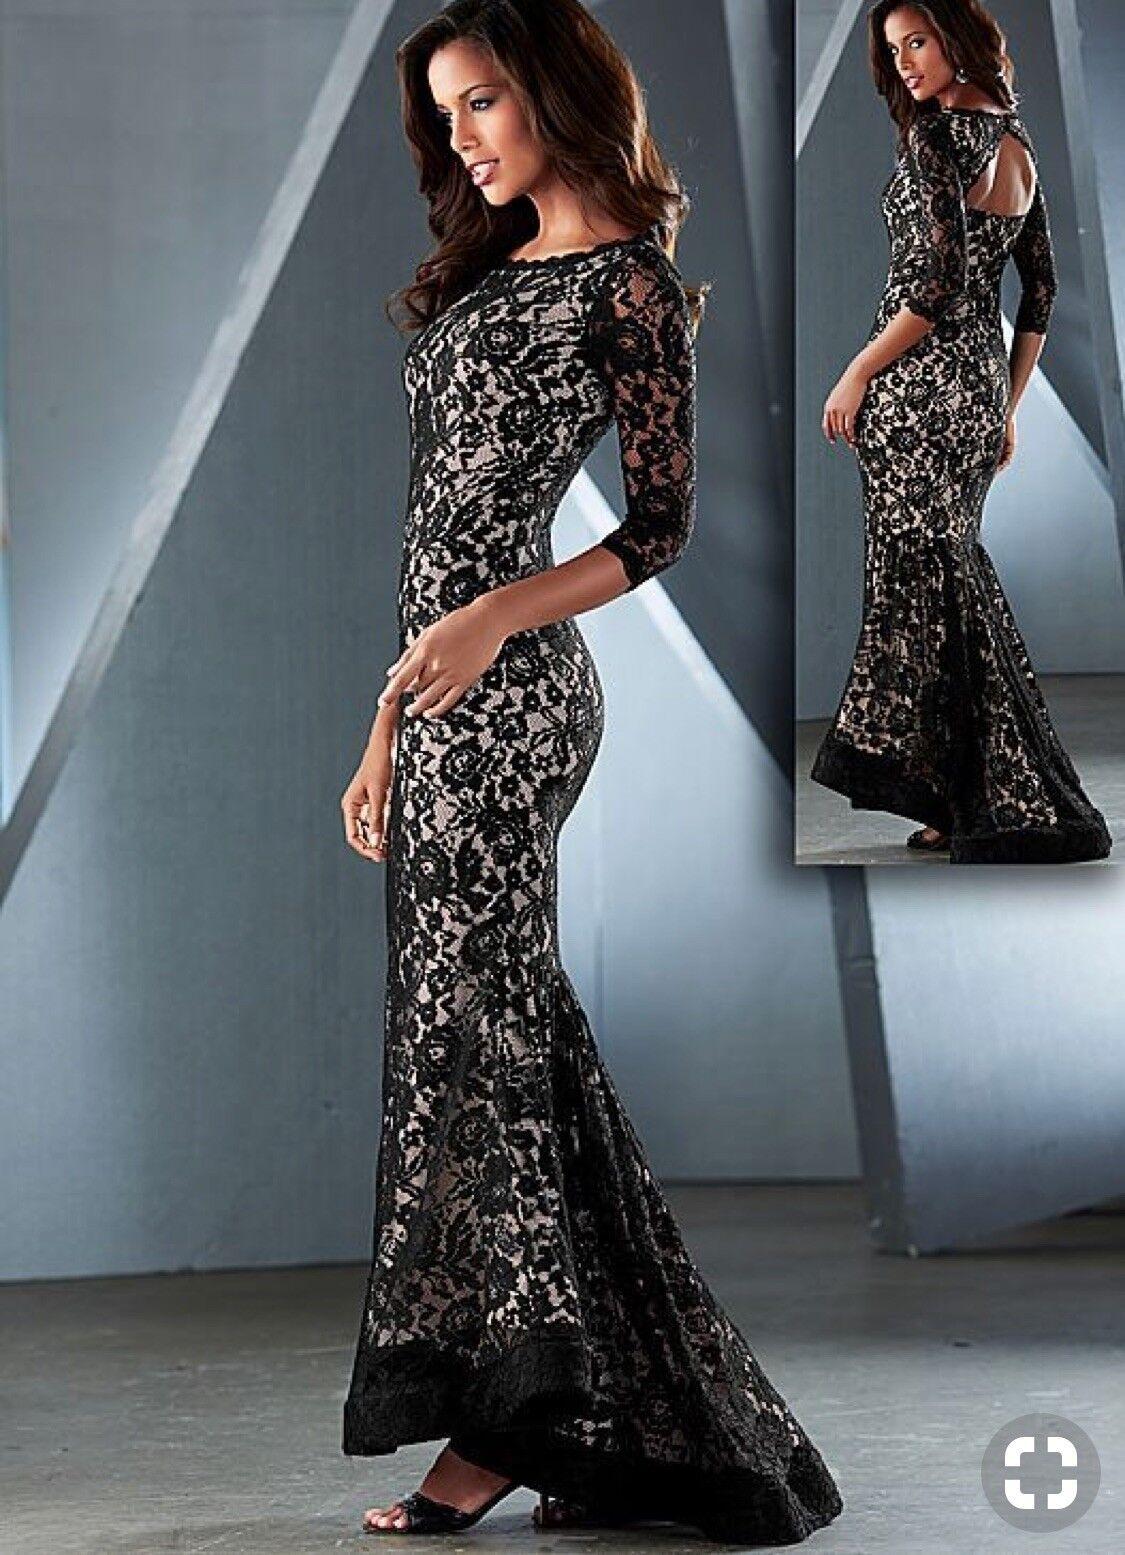 Venus Couture Größe 6 schwarz Lace Floral 3 4 Sleeve Trumpet Gown Dress NWOT